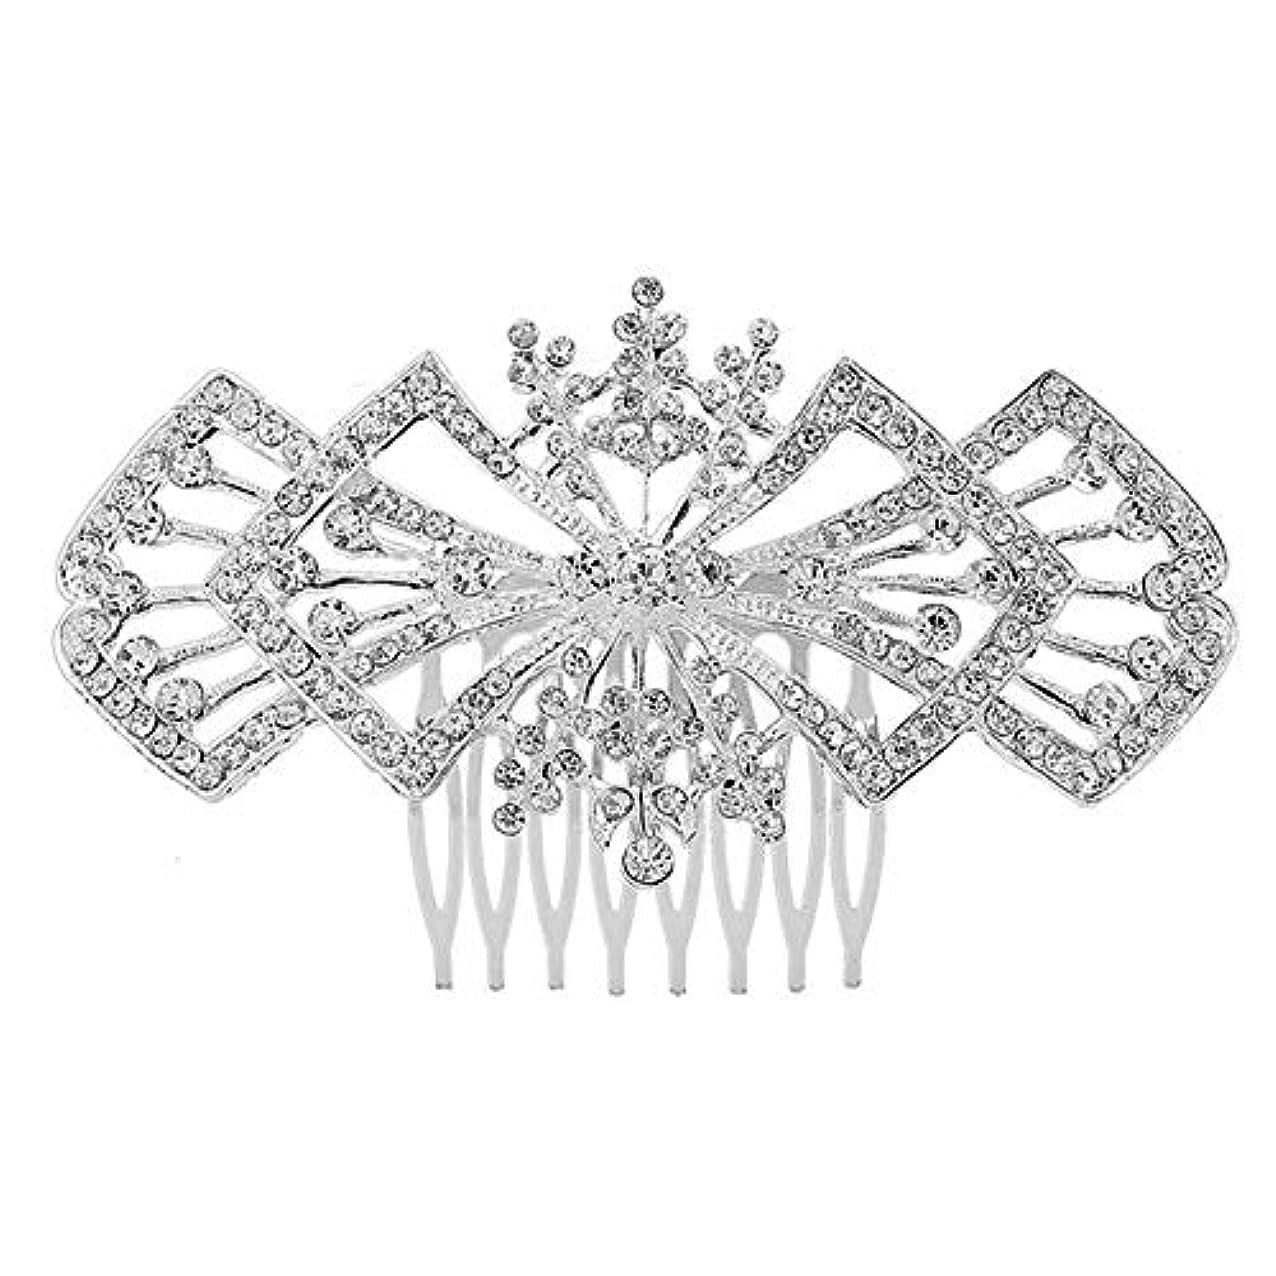 苦悩ソファー同意する髪の櫛の櫛の櫛の花嫁の髪の櫛の花の髪の櫛のラインストーンの挿入物の櫛の合金の帽子の結婚式の宝石類